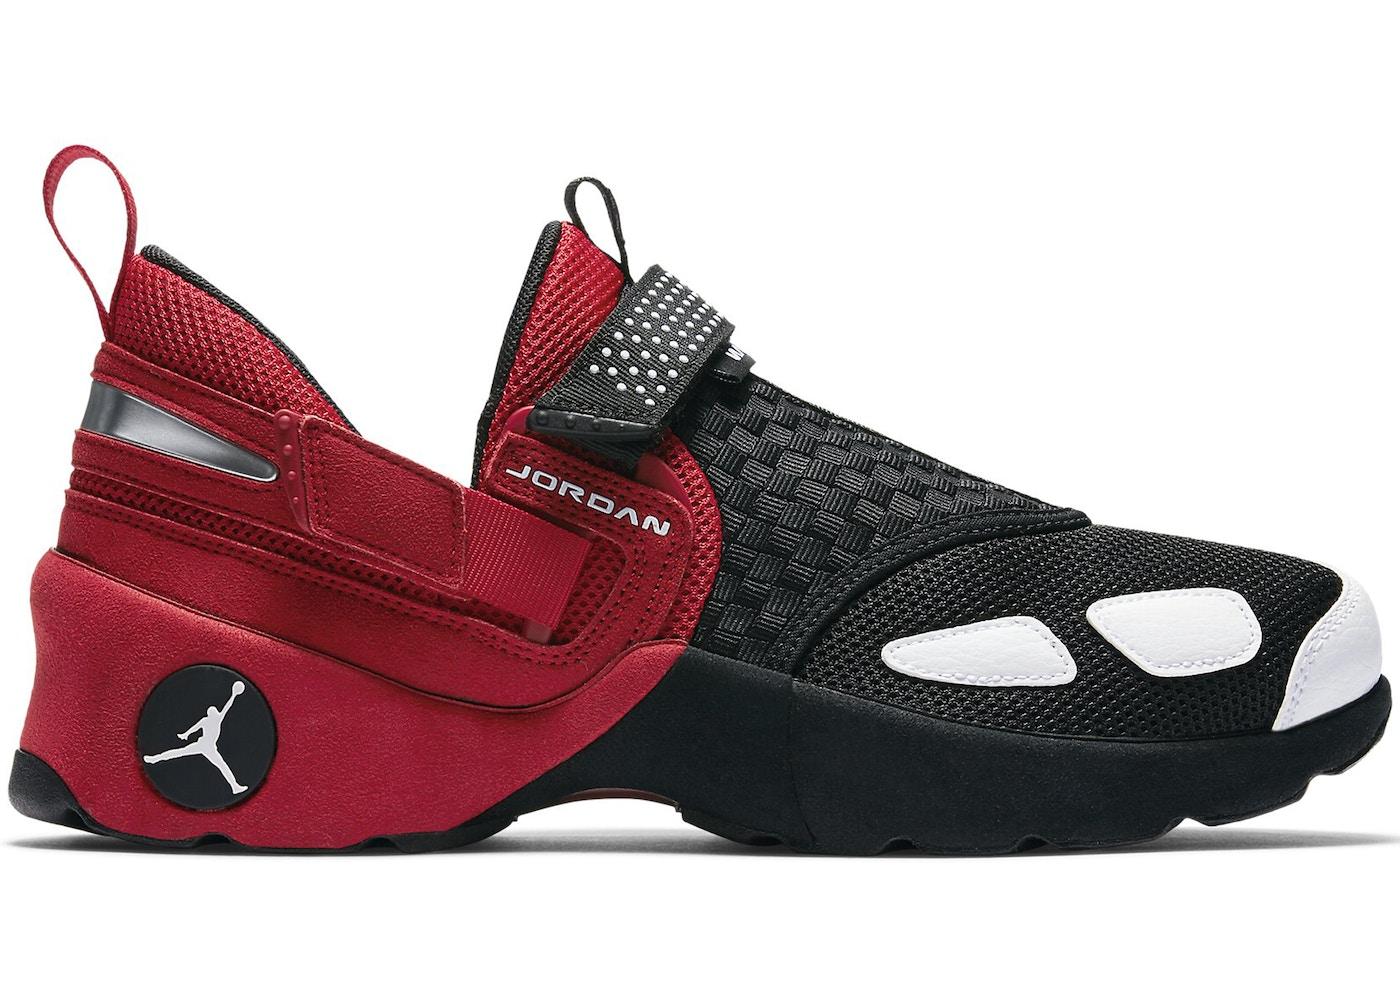 93715890f38eb8 Jordan Trunner LX Black Red (2017) - 905222-001